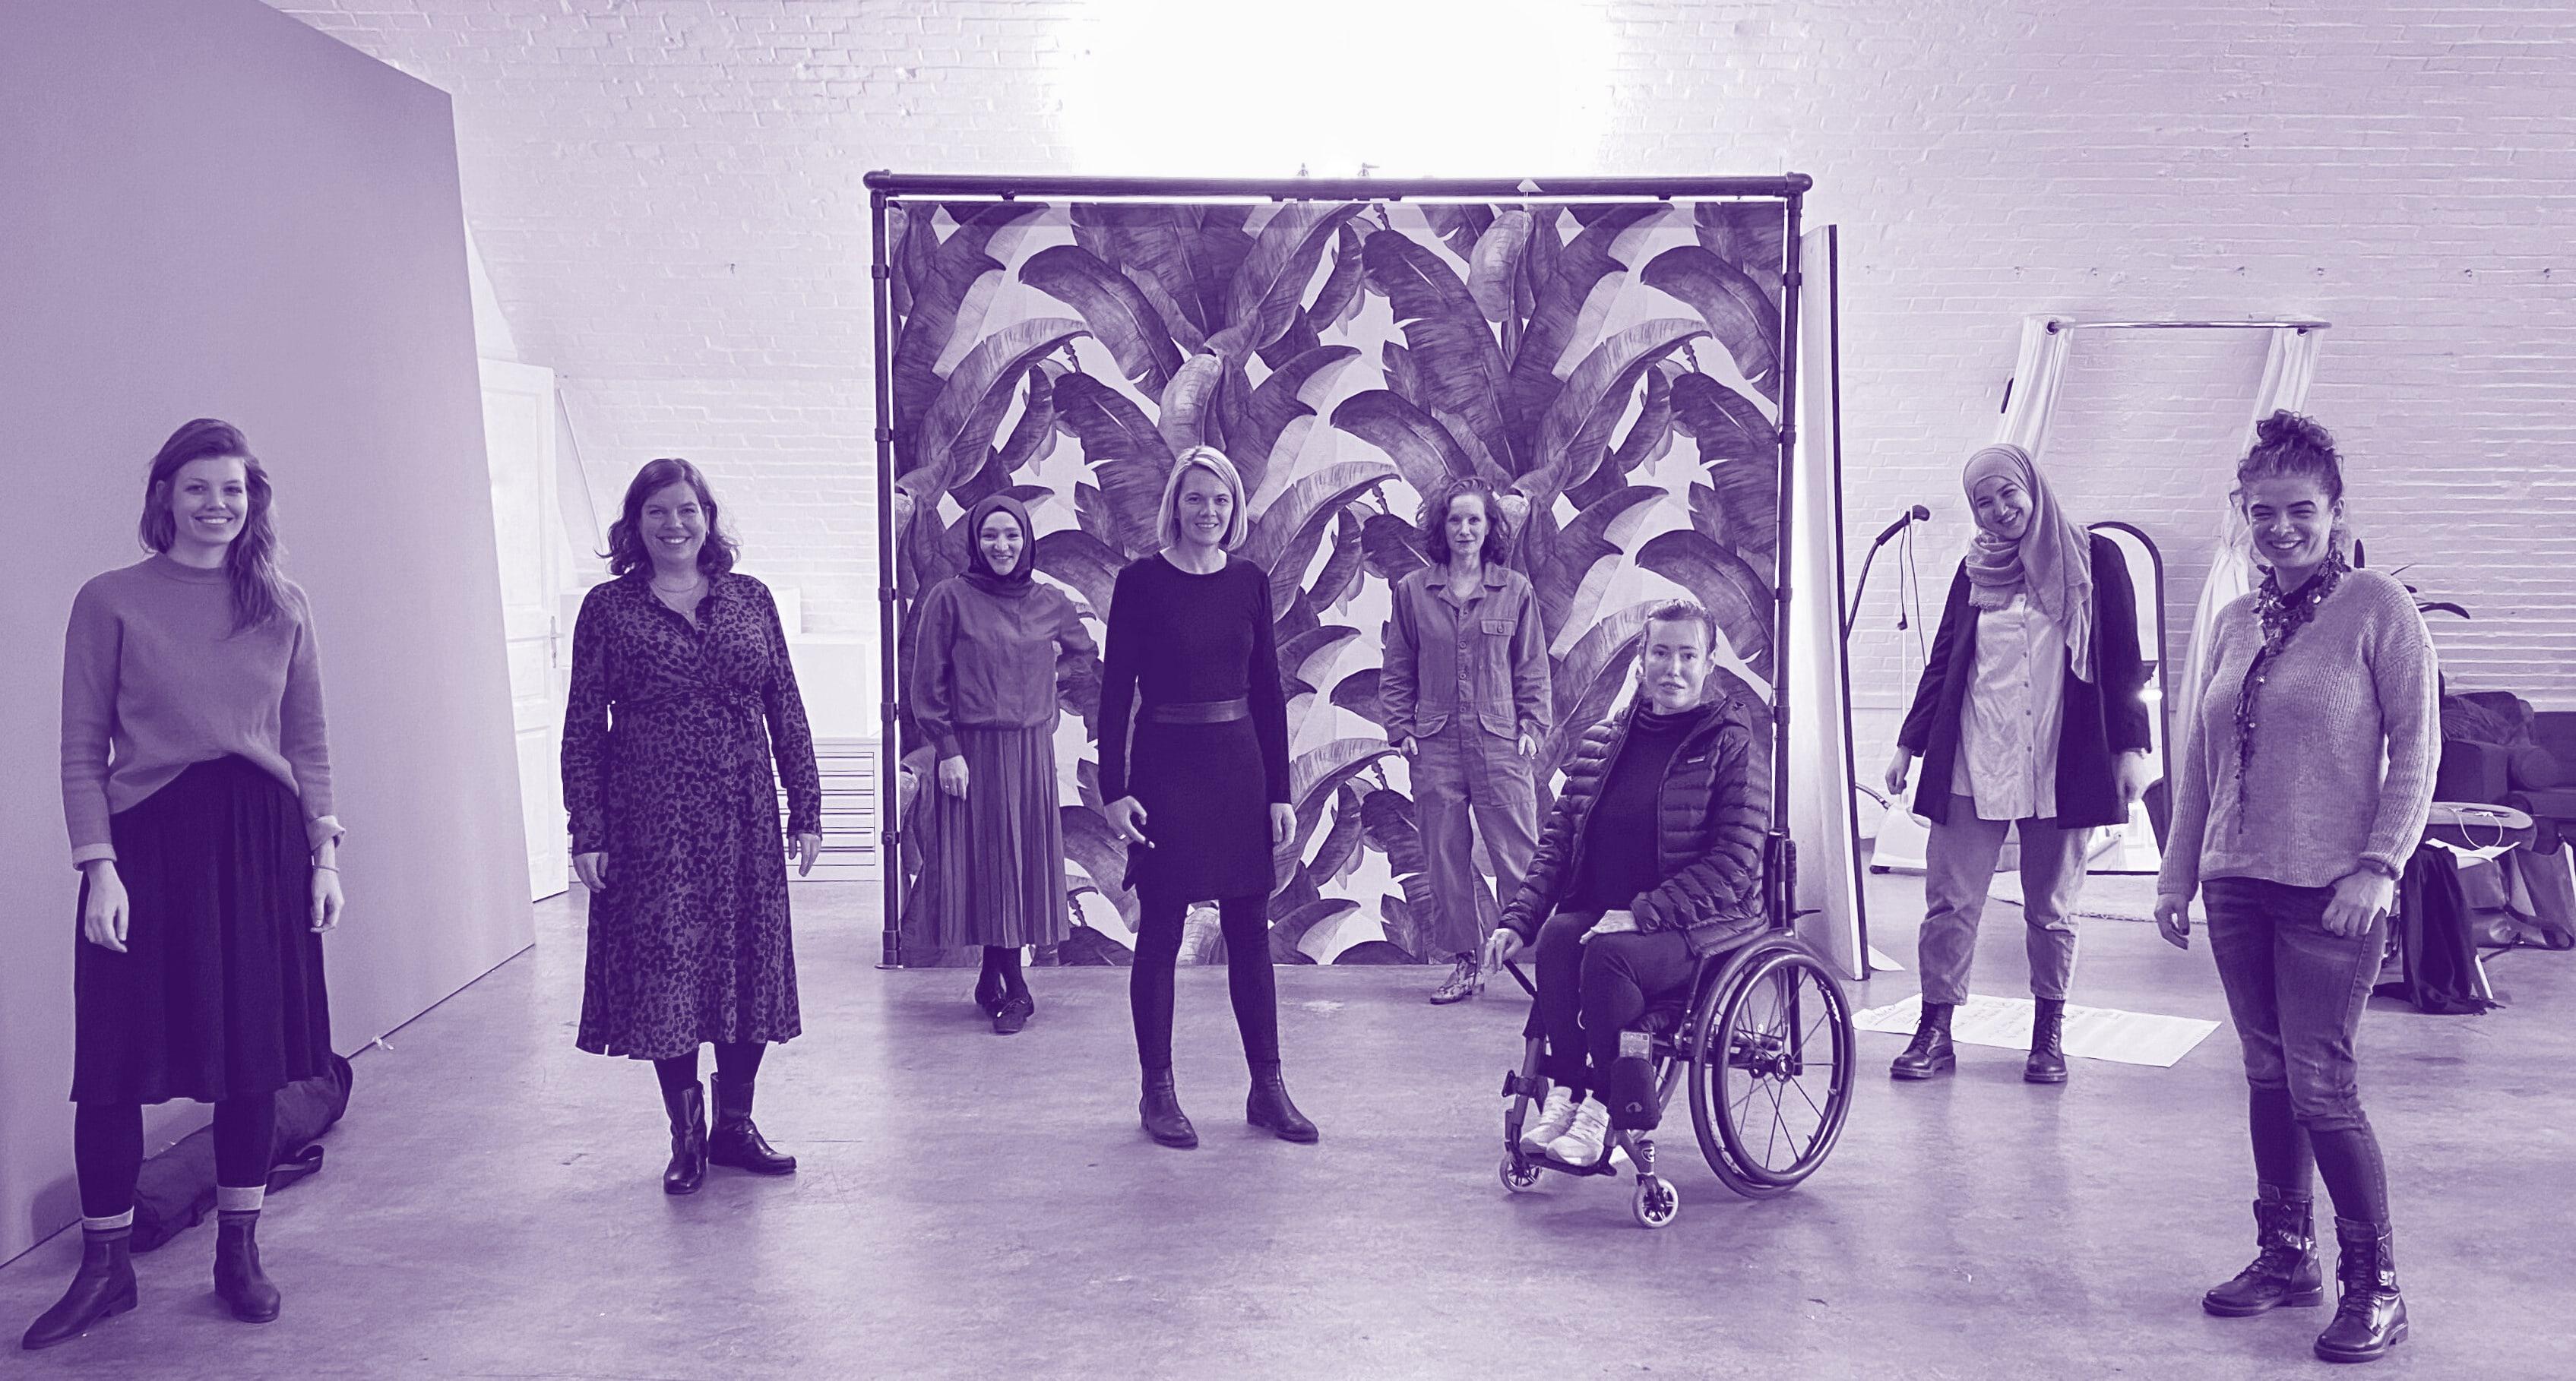 Acht Frauen in einem großen Raum.